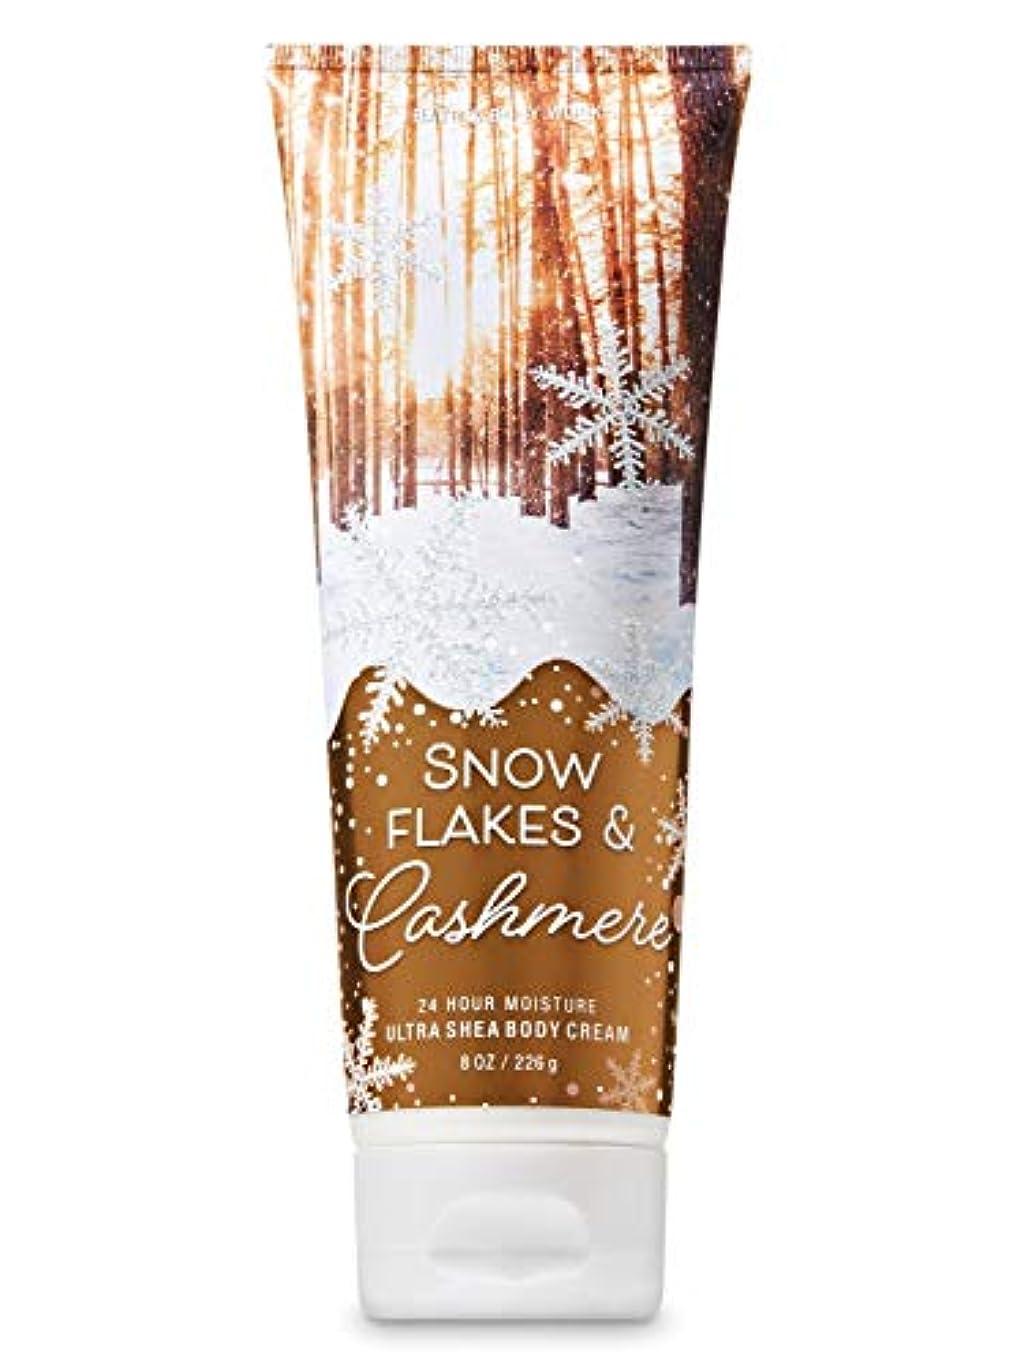 調整する退屈考え【Bath&Body Works/バス&ボディワークス】 ボディクリーム スノーフレーク&カシミア Ultra Shea Body Cream Snowflakes & Cashmere 8 oz / 226 g [並行輸入品]